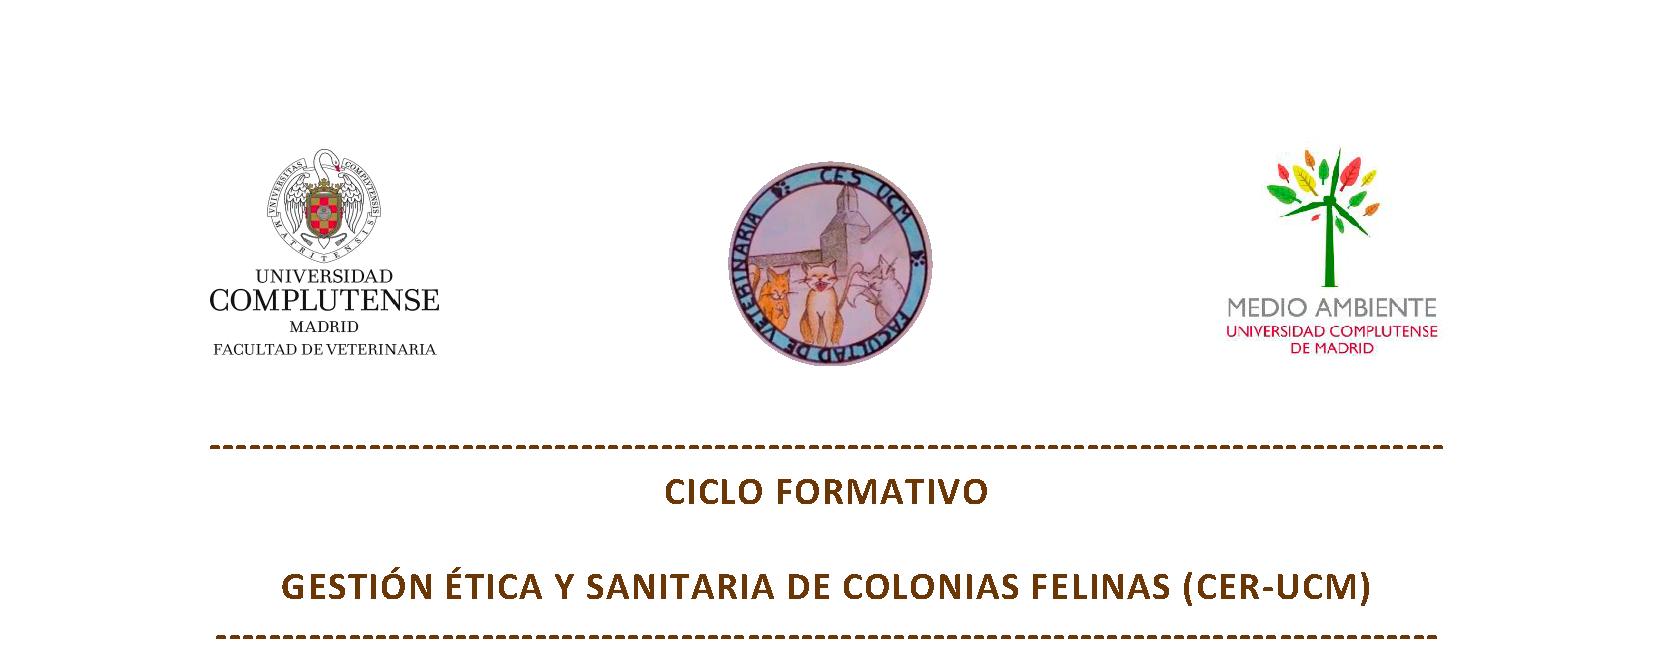 programa-ciclo-formativo-gestic3b3n-c3a9tica-y-sanitaria-de-colonias-felinas-cer-ucm-curso-2018-2019_pc3a1gina_1.png